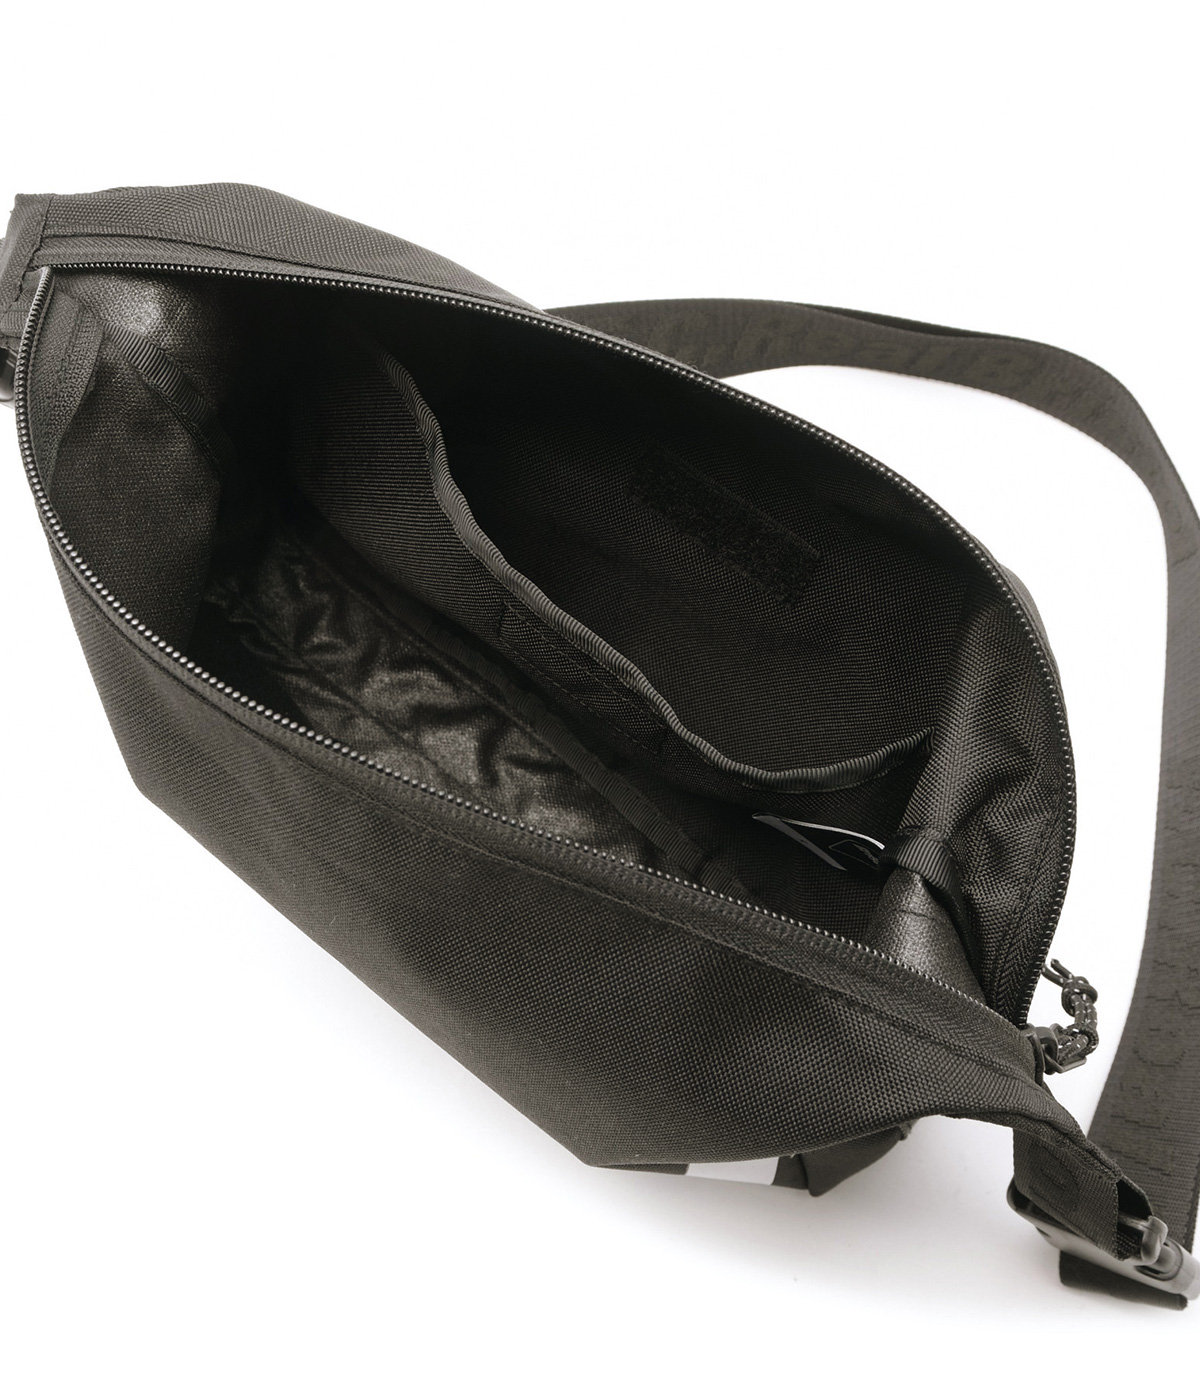 2WAY SMALL SHOULDER BAG